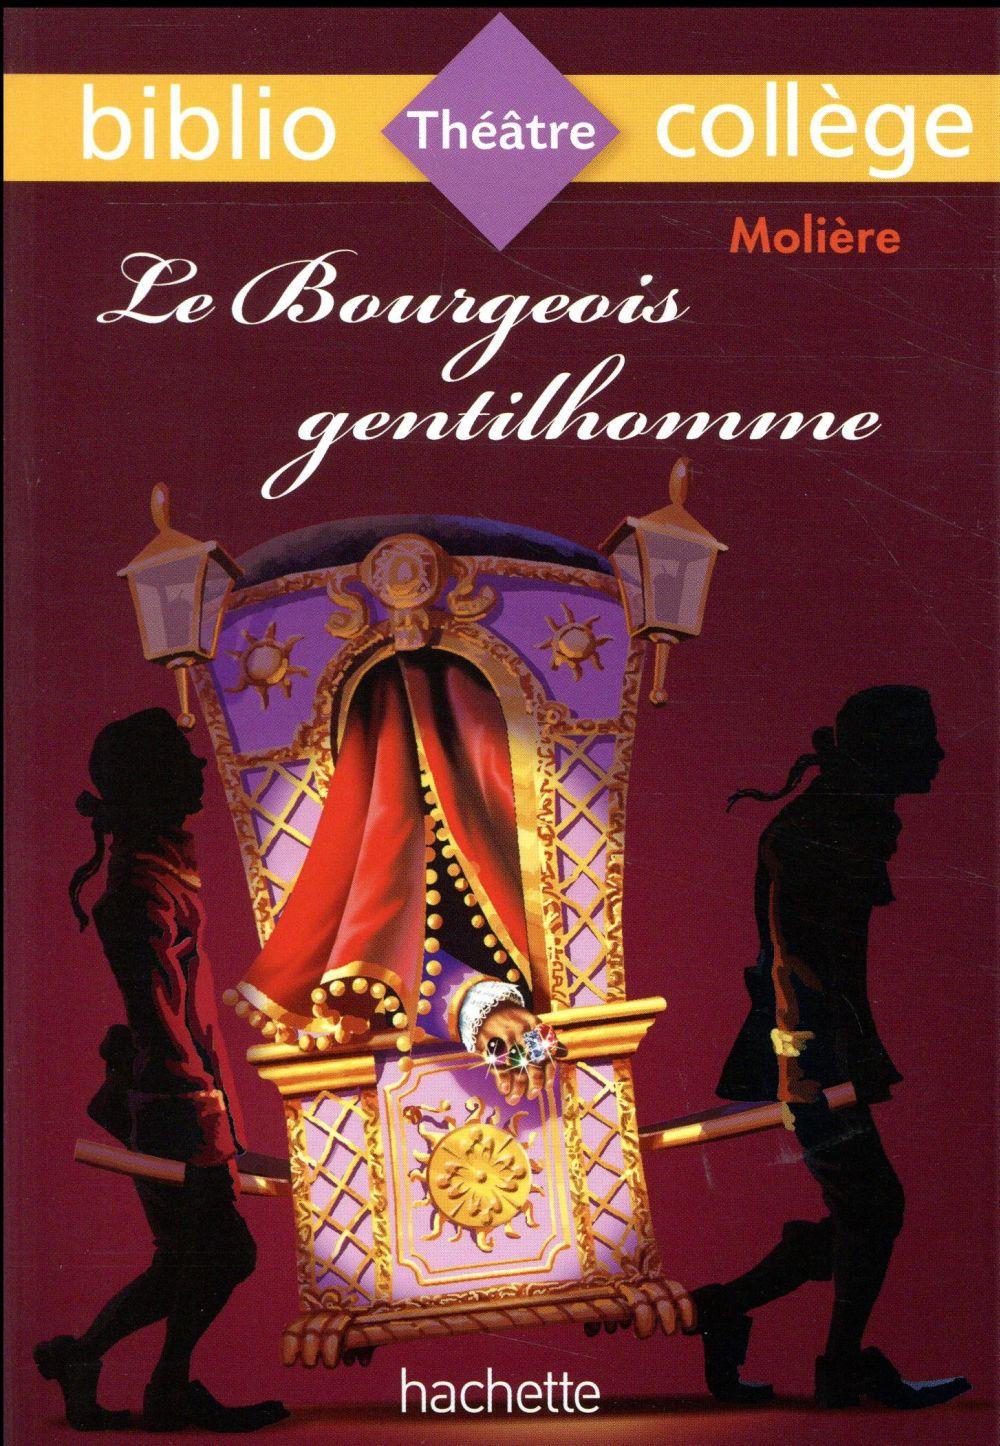 recherche le bourgeois gentilhomme meilleur site rencontre en ligne